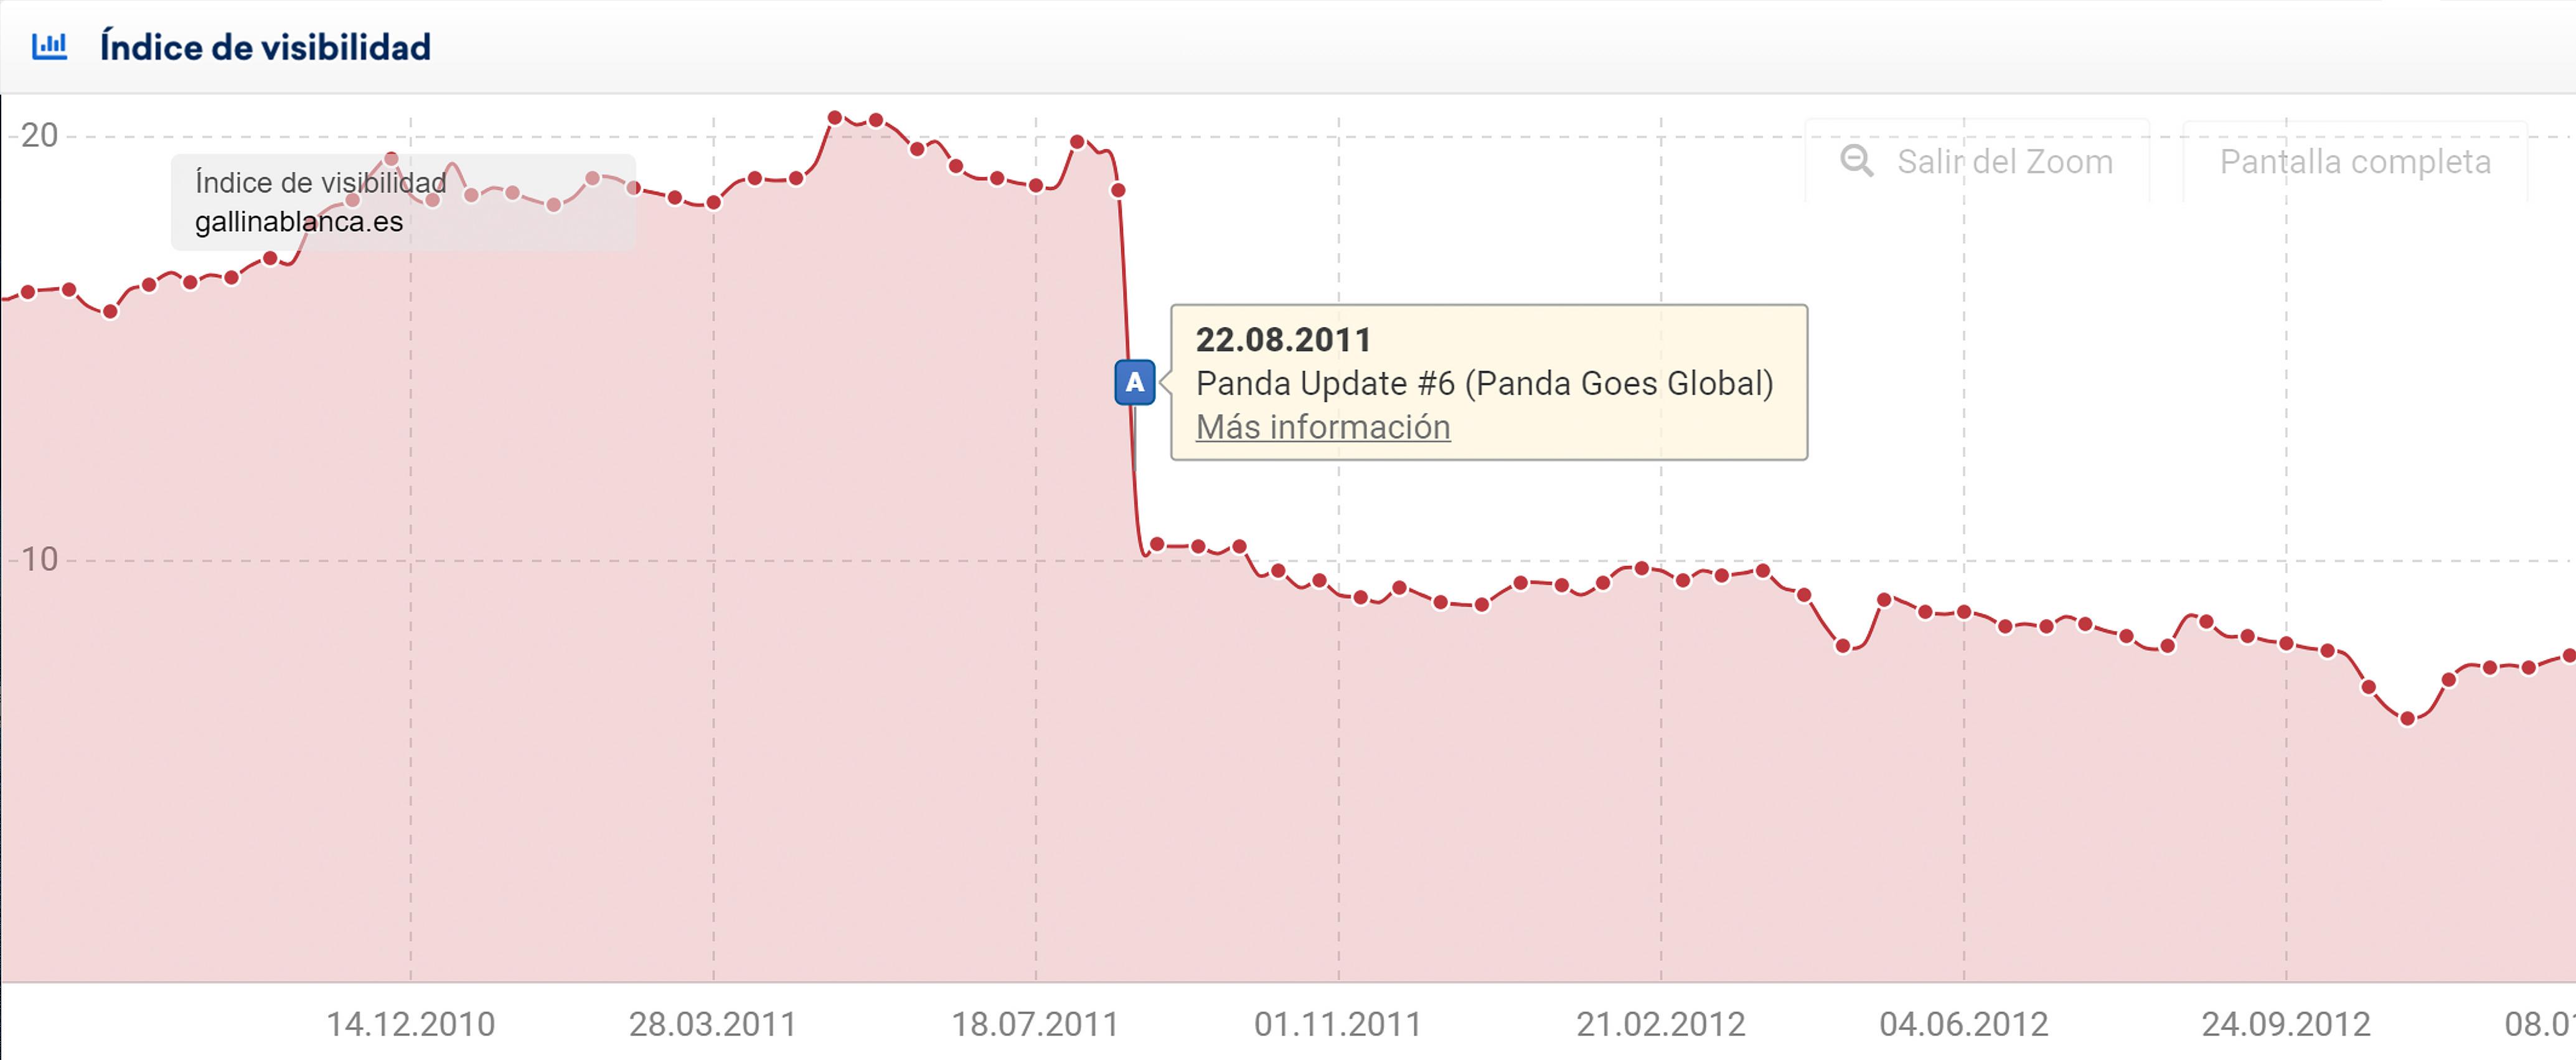 Gráfica del índice de visibilidad que muestra la pérdida de visibilidad en la semana del 22 de agosto de 2011 para este dominio.